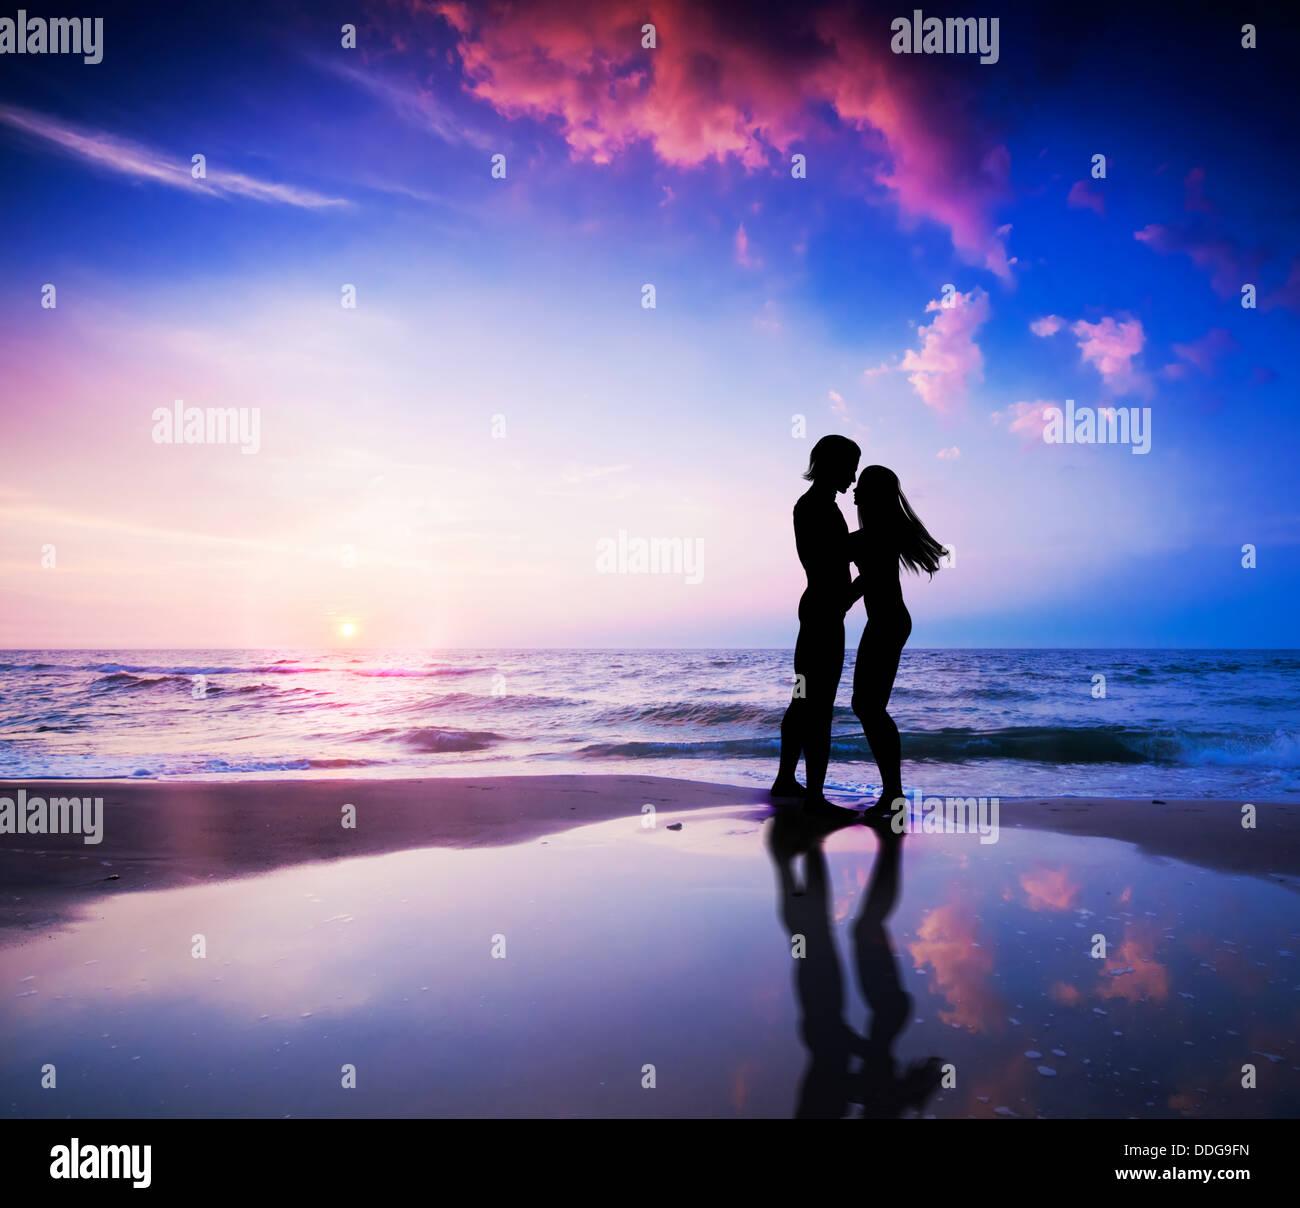 Romantisches Paar küssen am Strand bei Sonnenuntergang Stockfoto